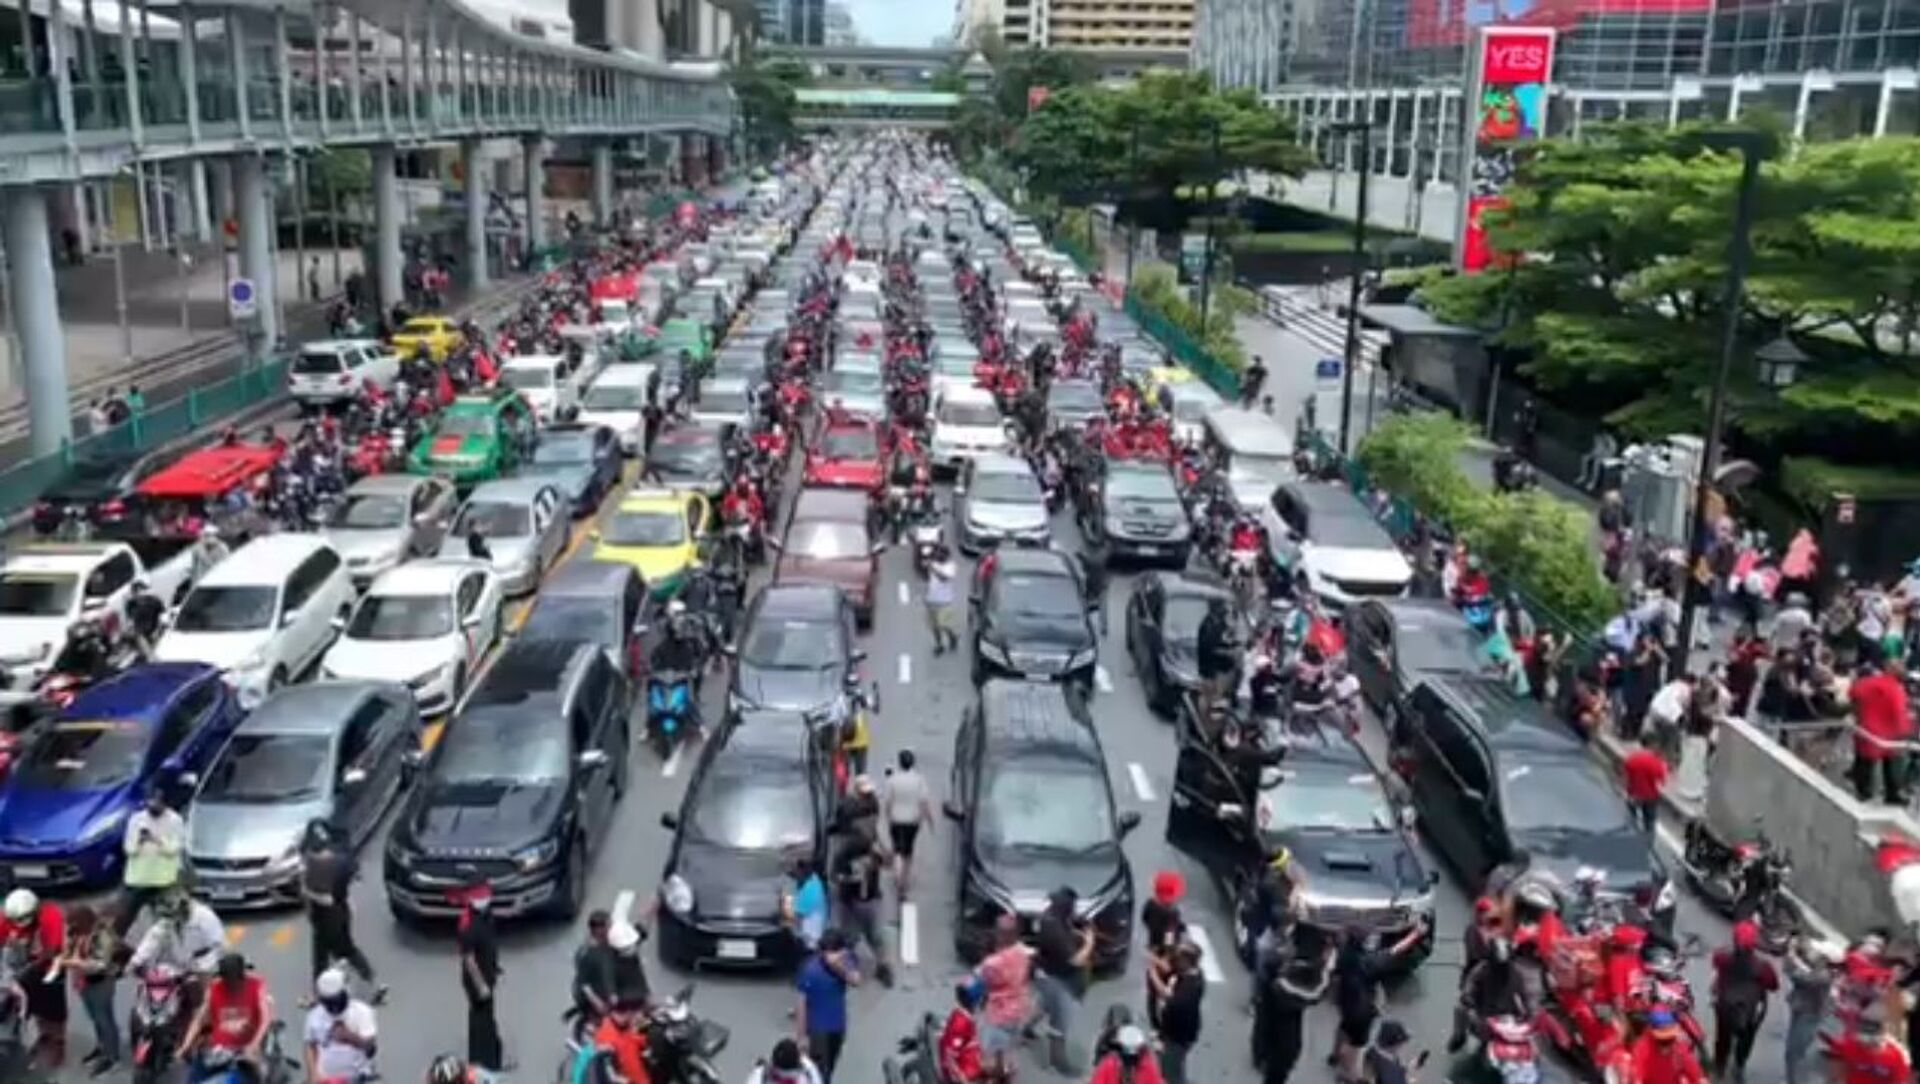 Car Protest Staged in Bangkok Over Gov't Handling of COVID-19 - Sputnik International, 1920, 01.08.2021